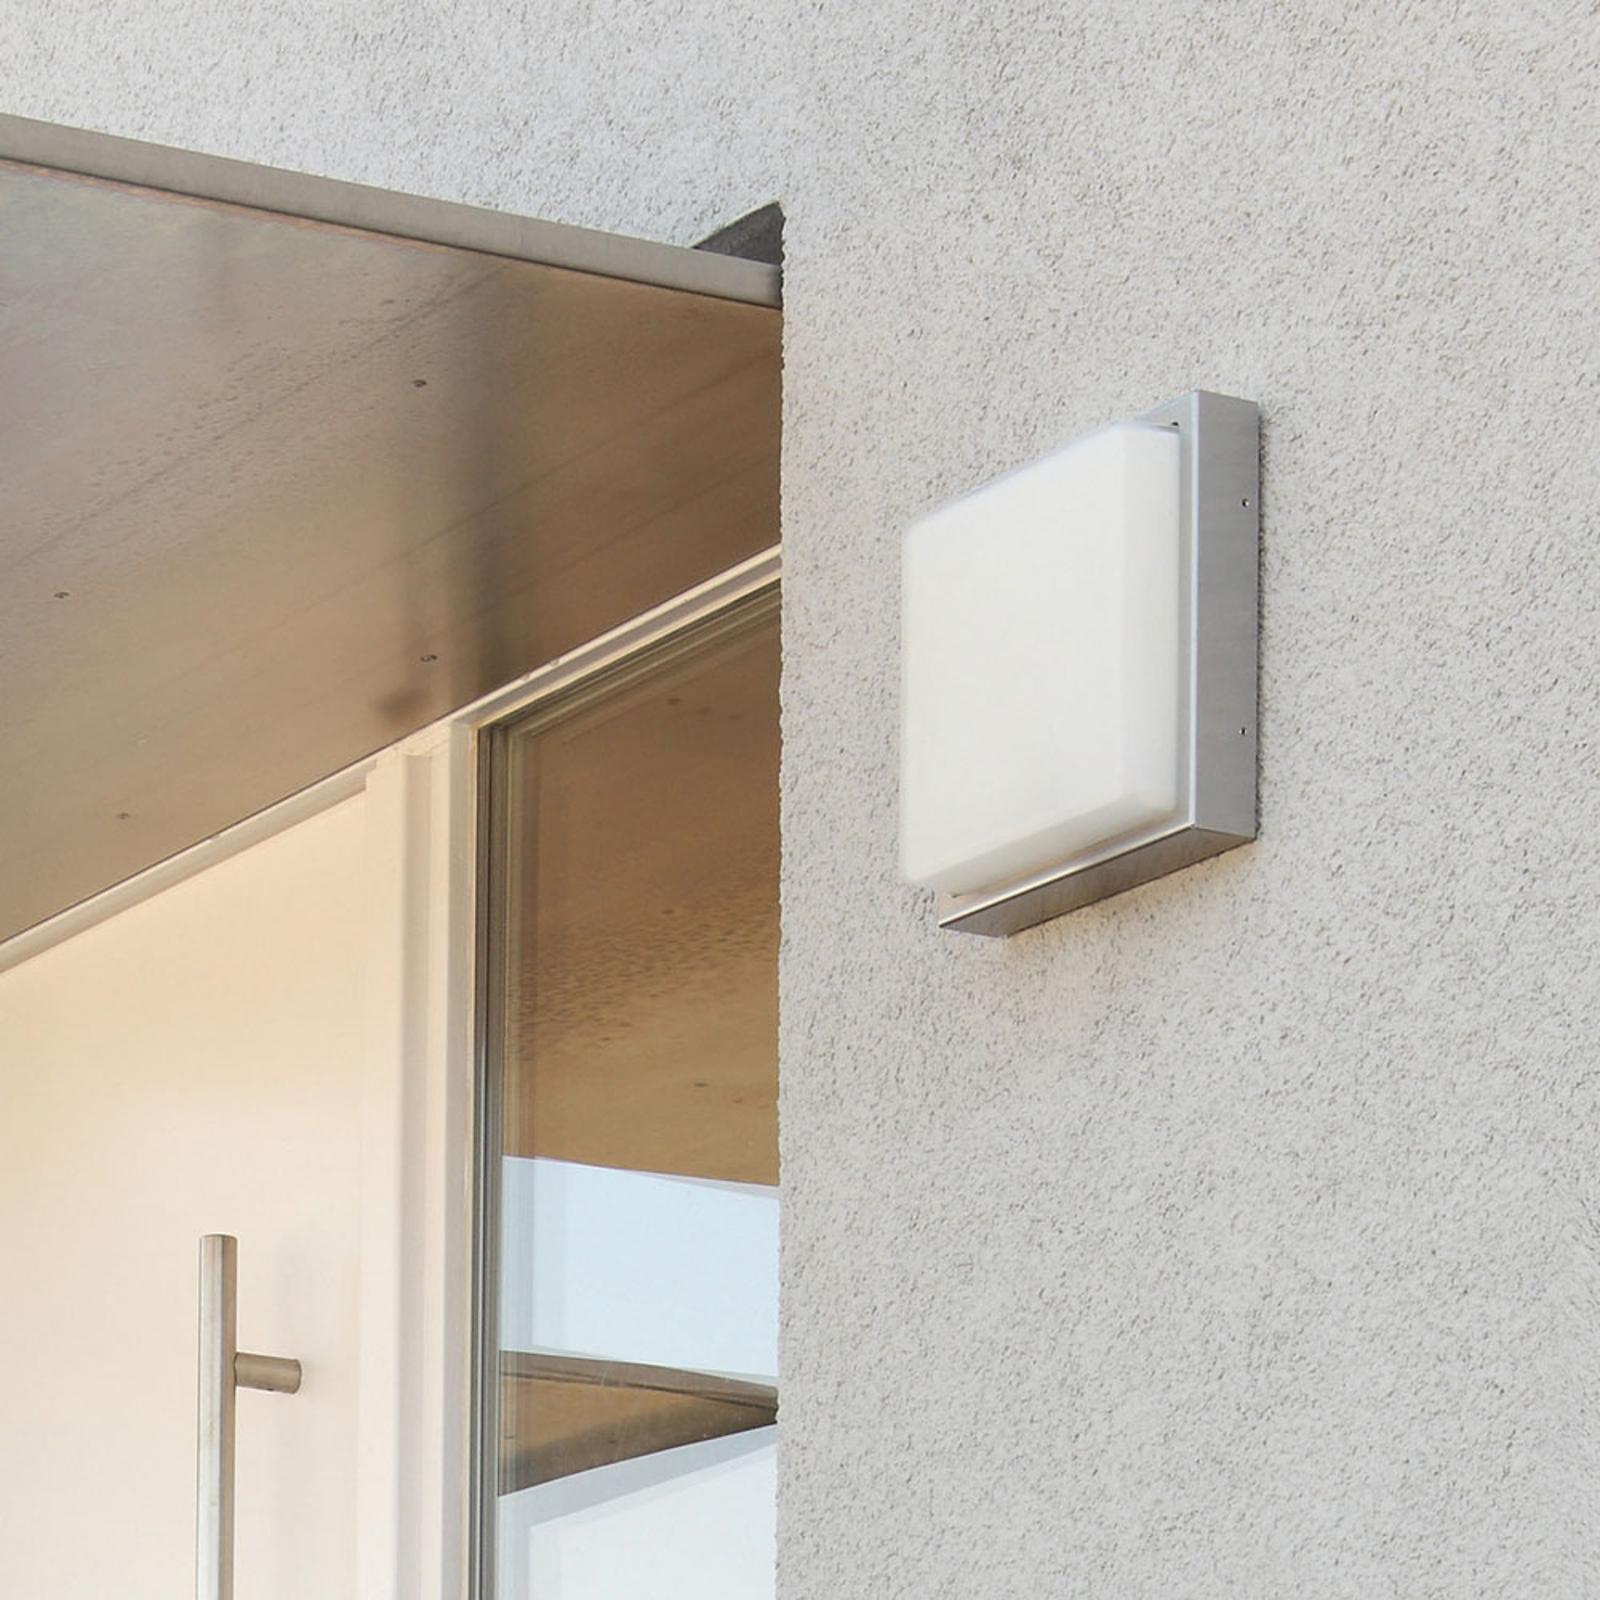 LED-ulkoseinälamppu 046 ruostumatonta terästä